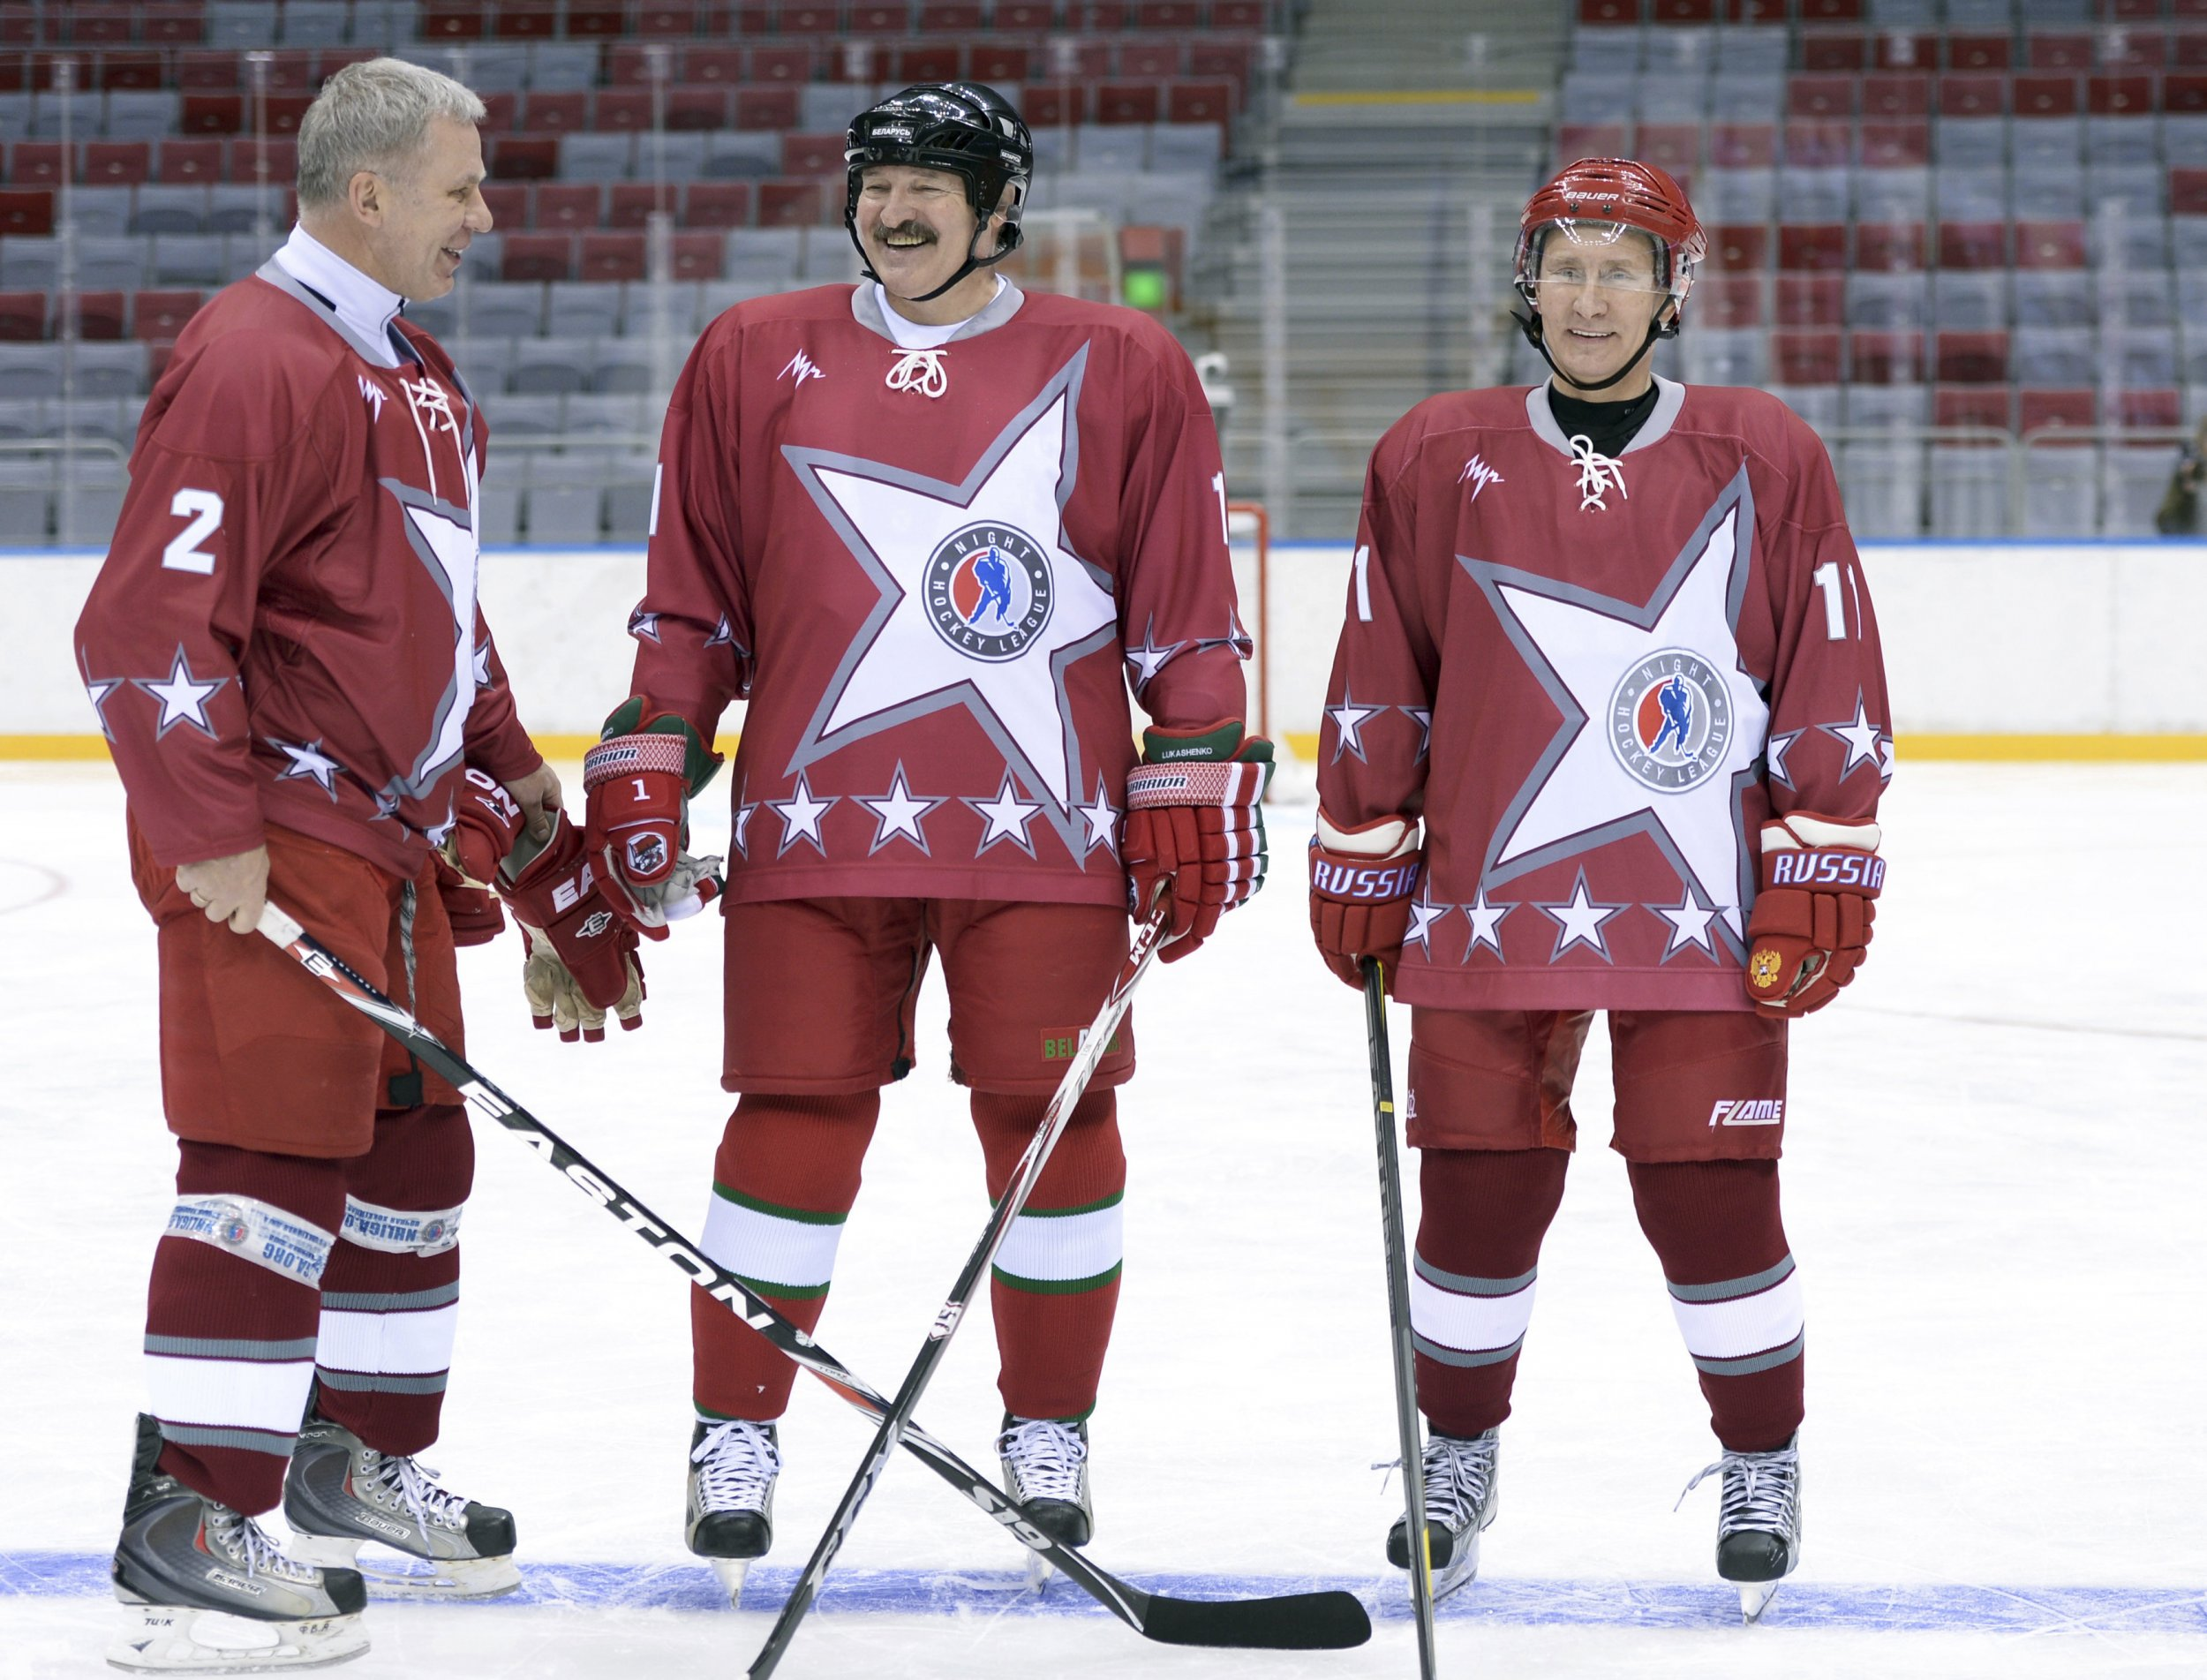 Lukashenko Putin hockey